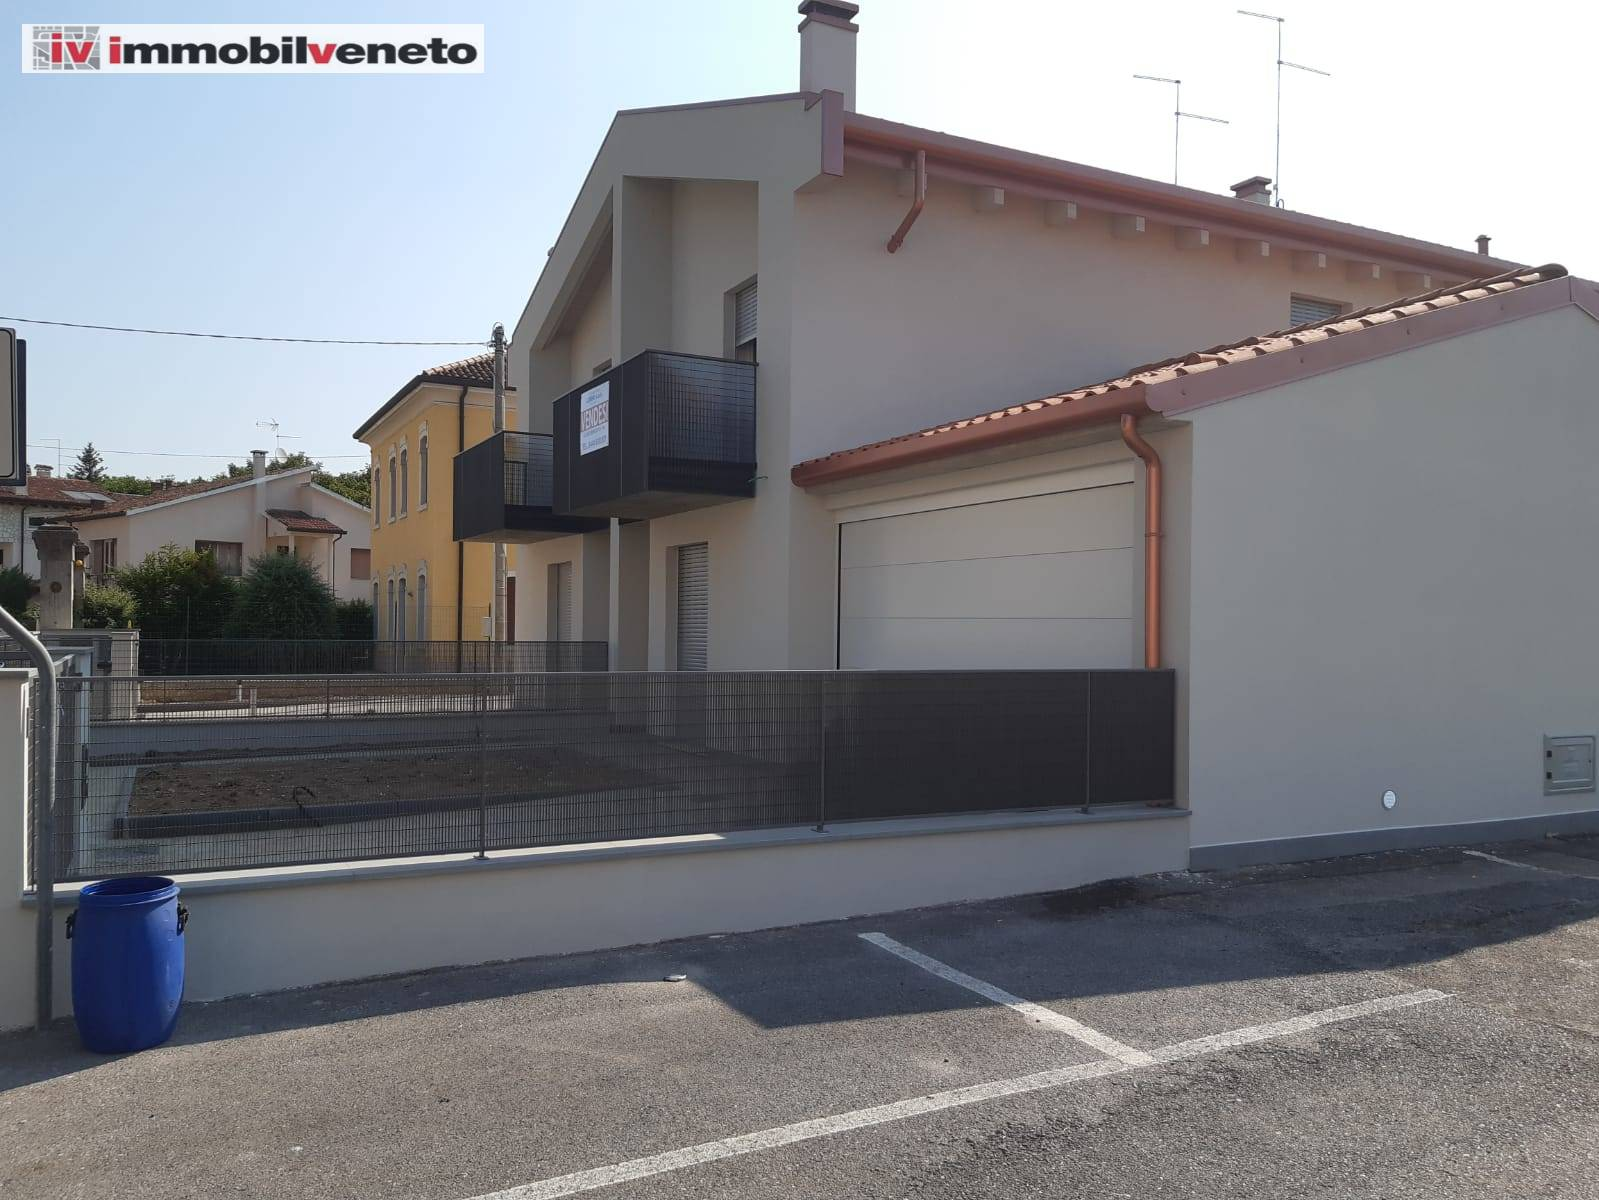 Villa Bifamiliare in vendita a Lonigo, 8 locali, Trattative riservate | CambioCasa.it